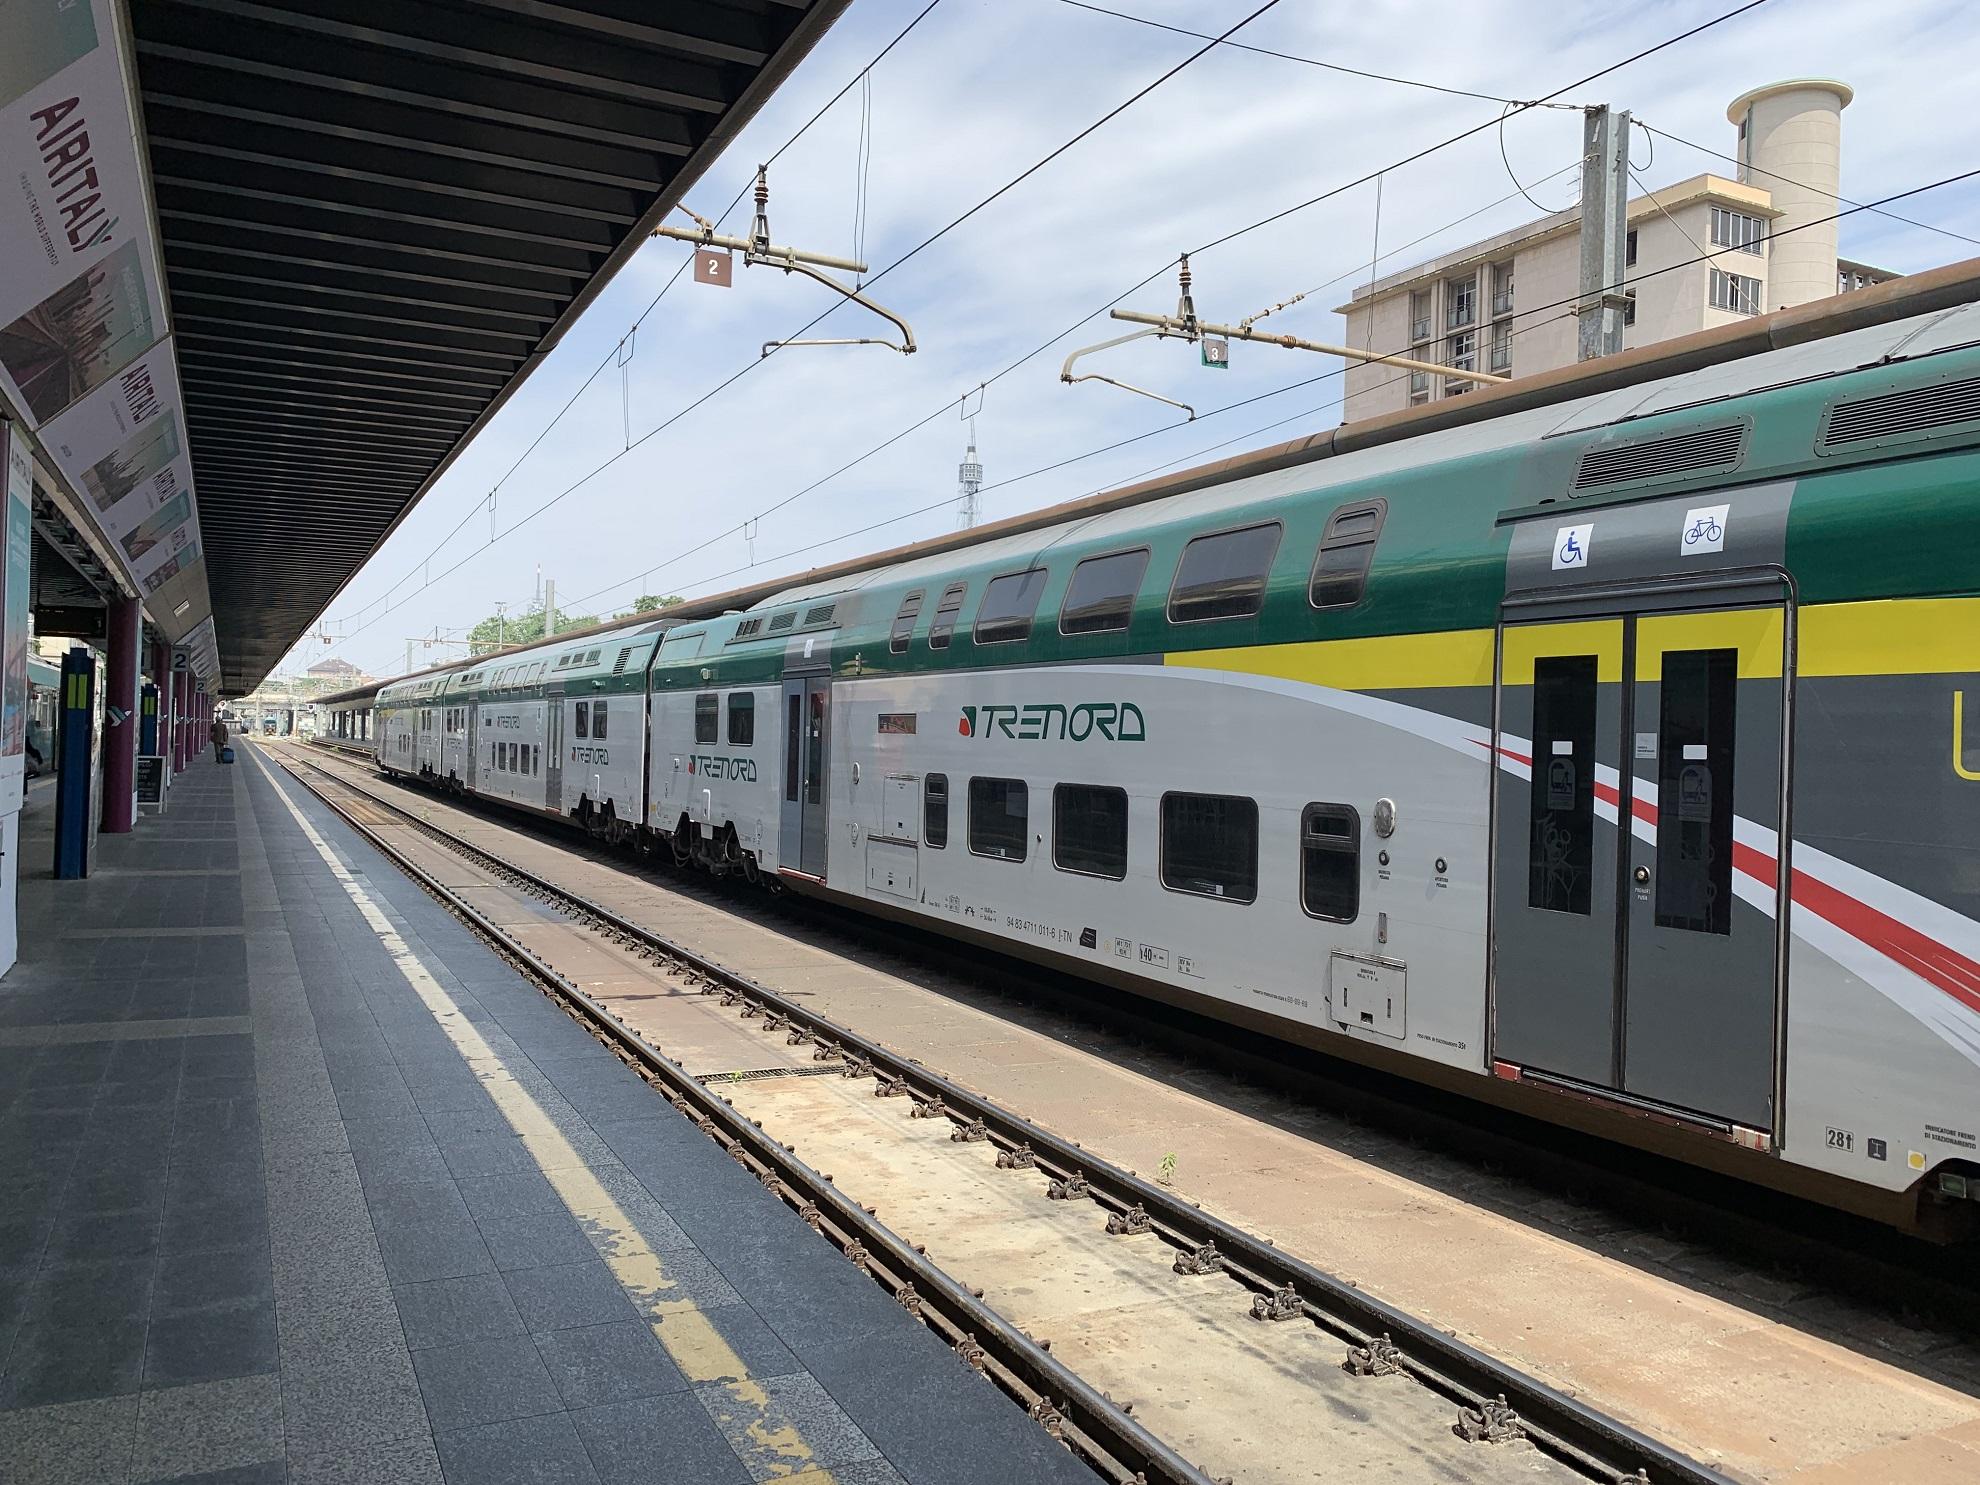 Se déplacer en train en Italie: bonne idée?